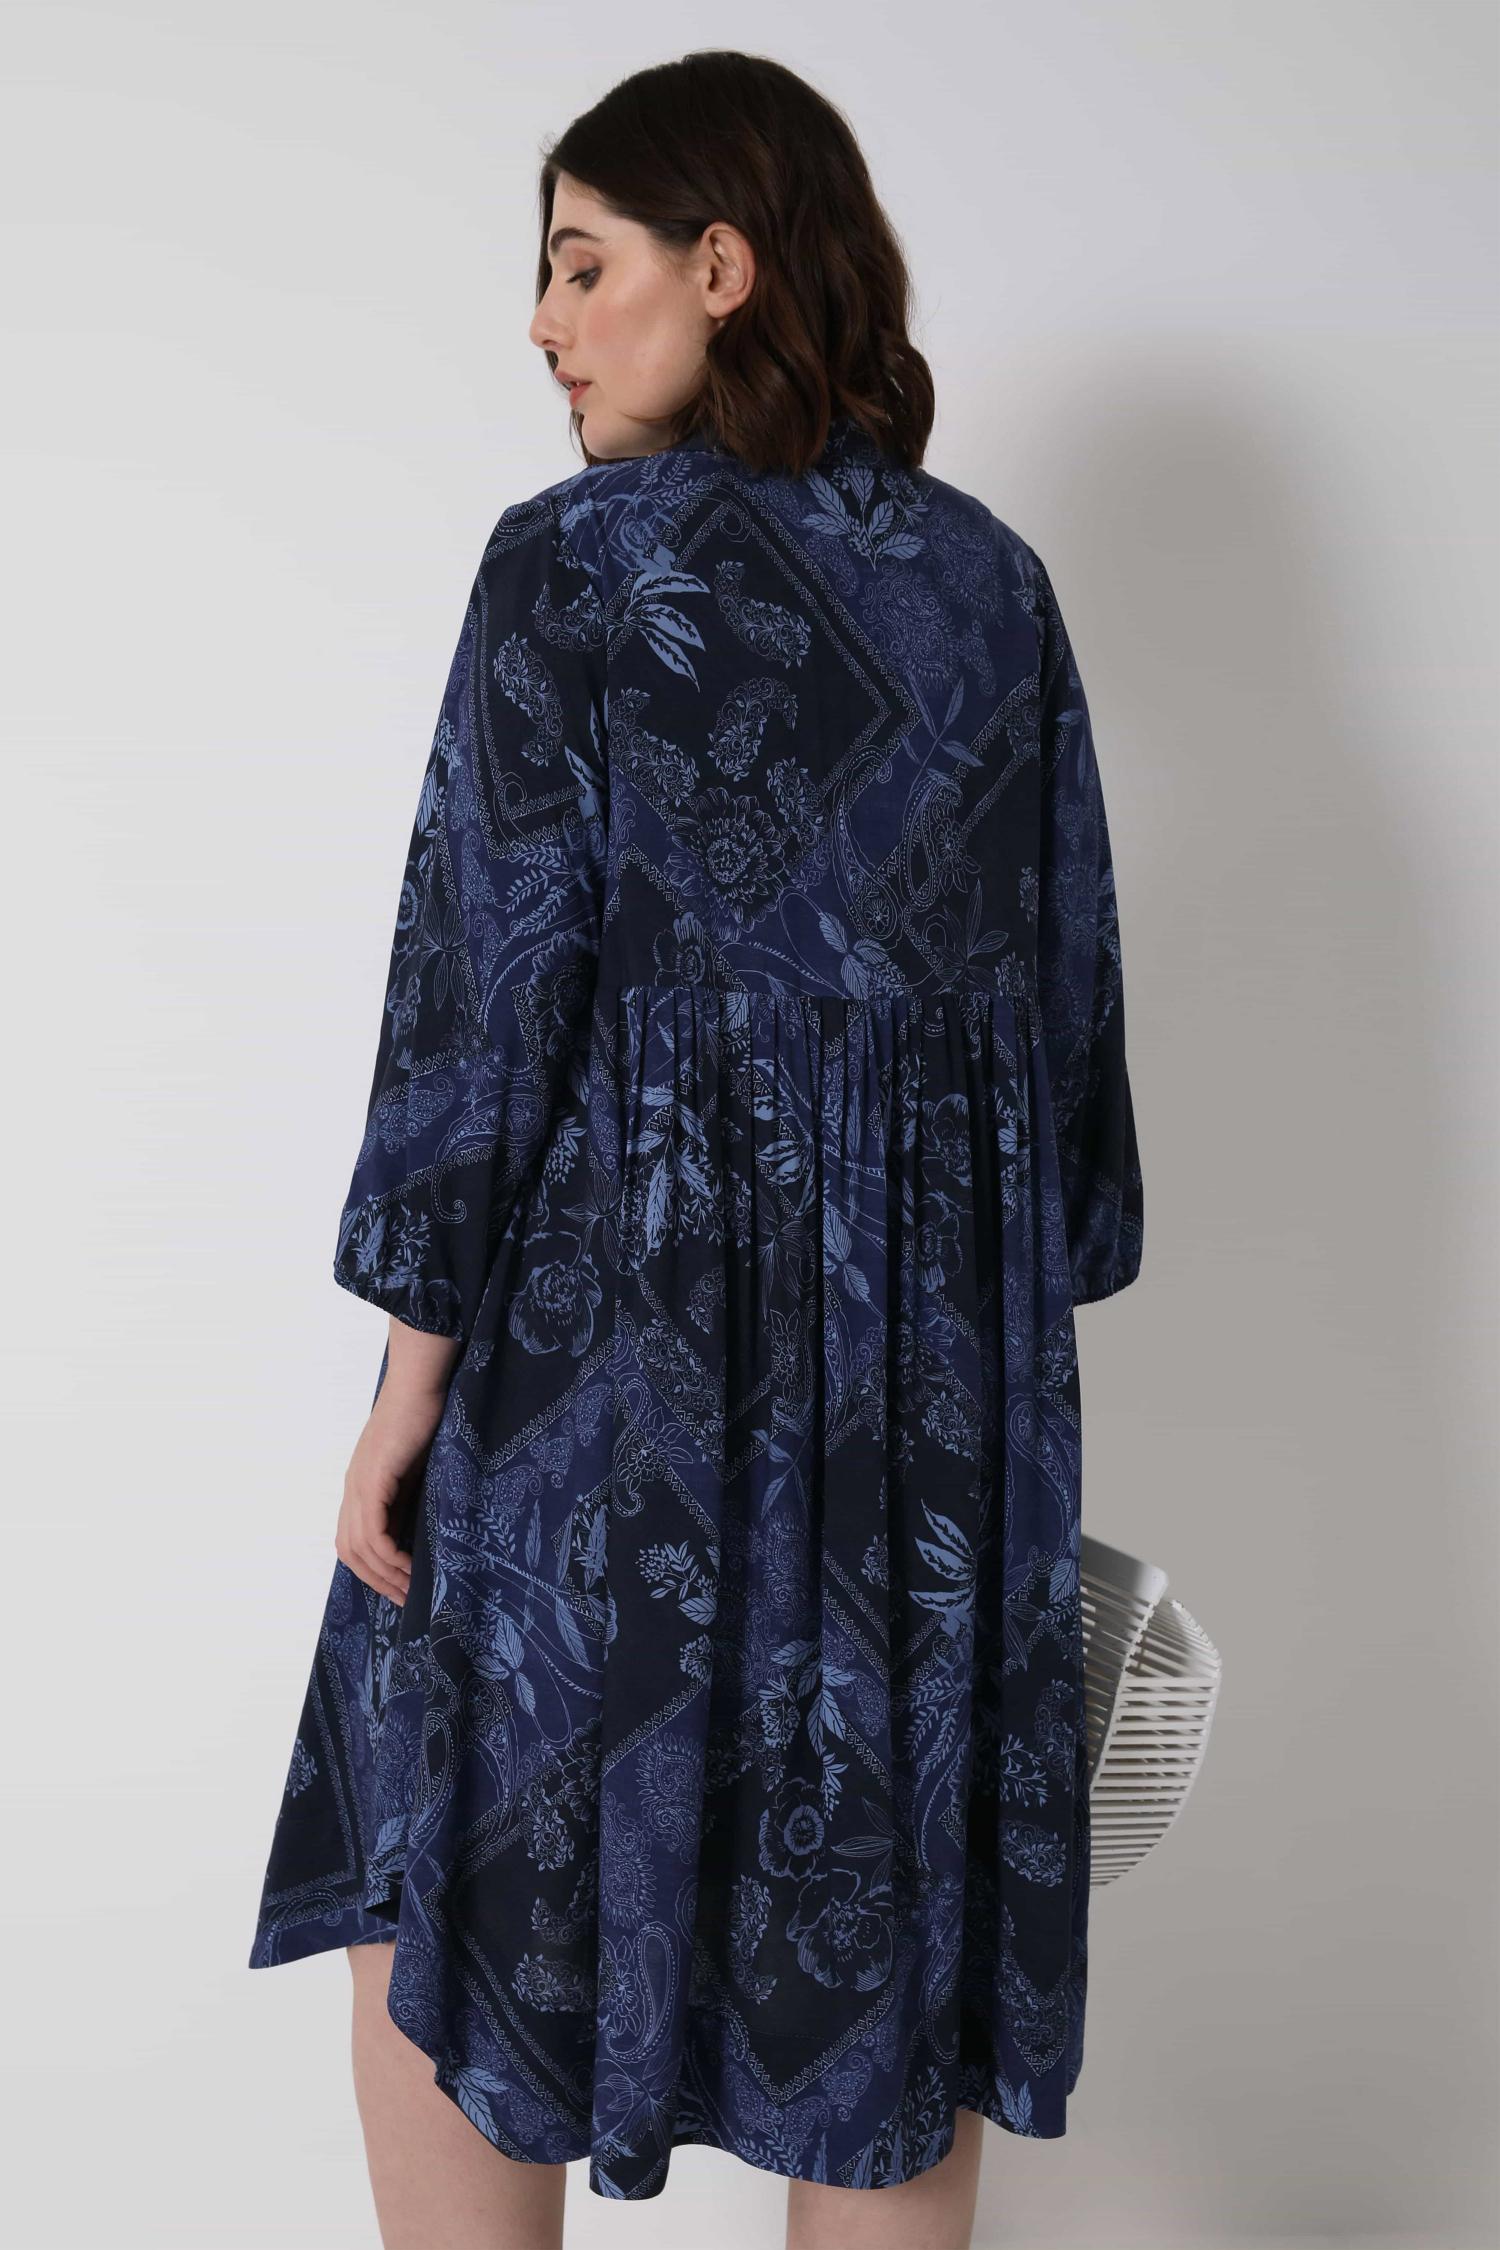 Printed viscose dress with drawstring